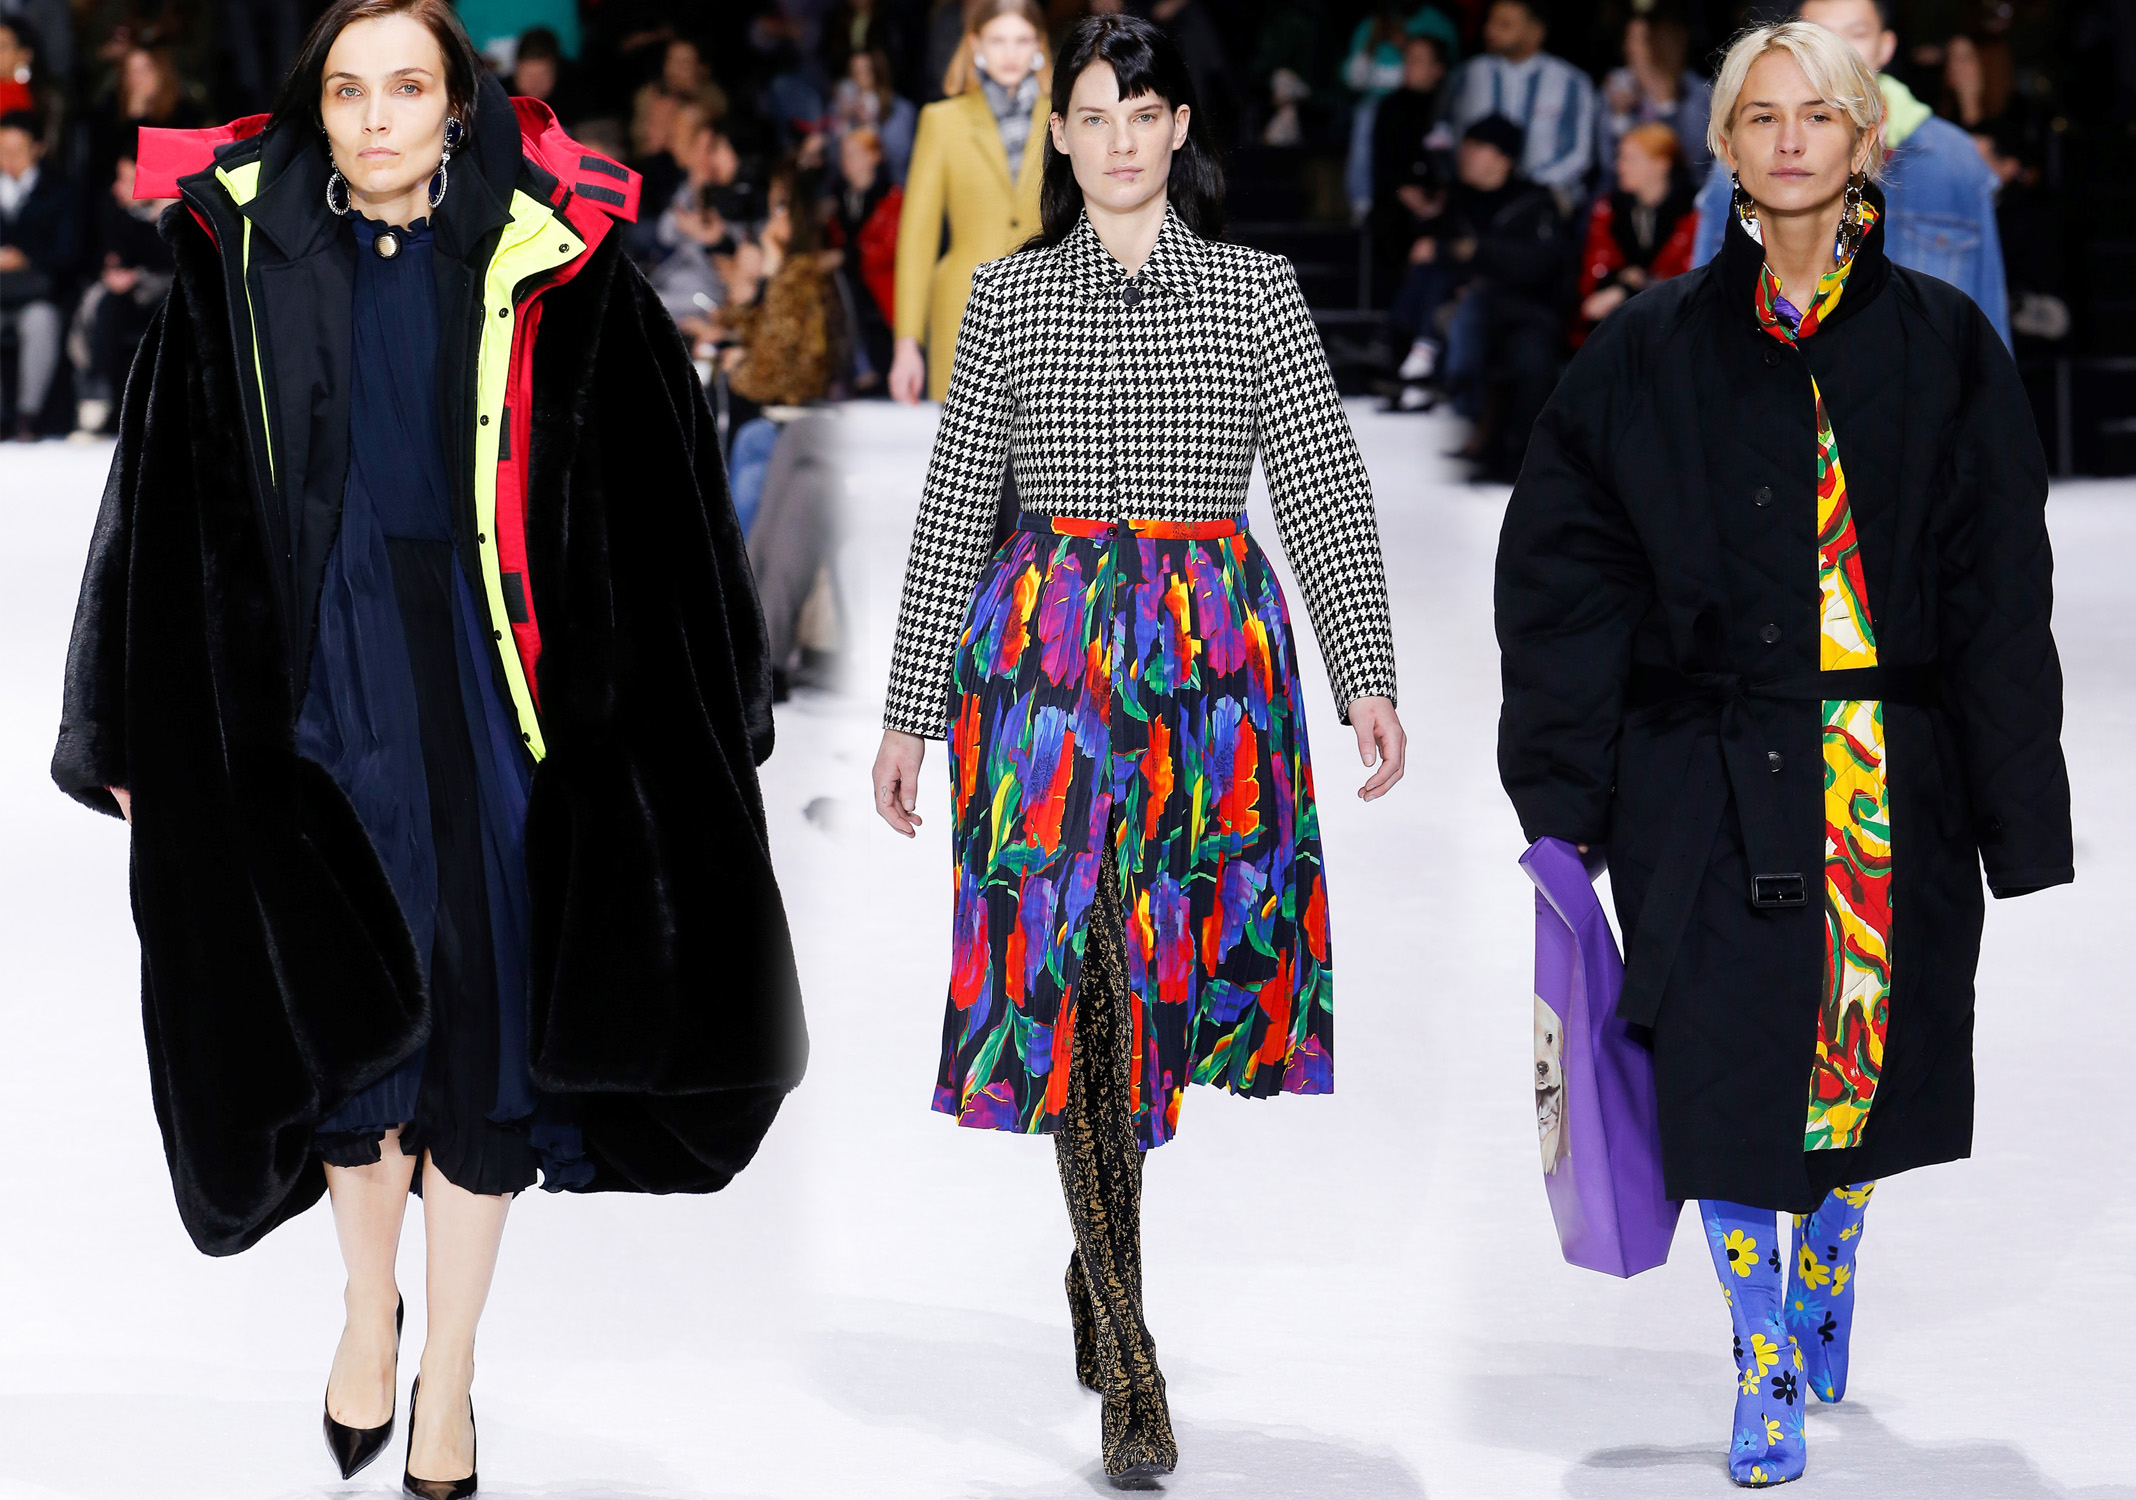 Мода осень 2018 2019: фото 5 модных стилей из 5 коллекций